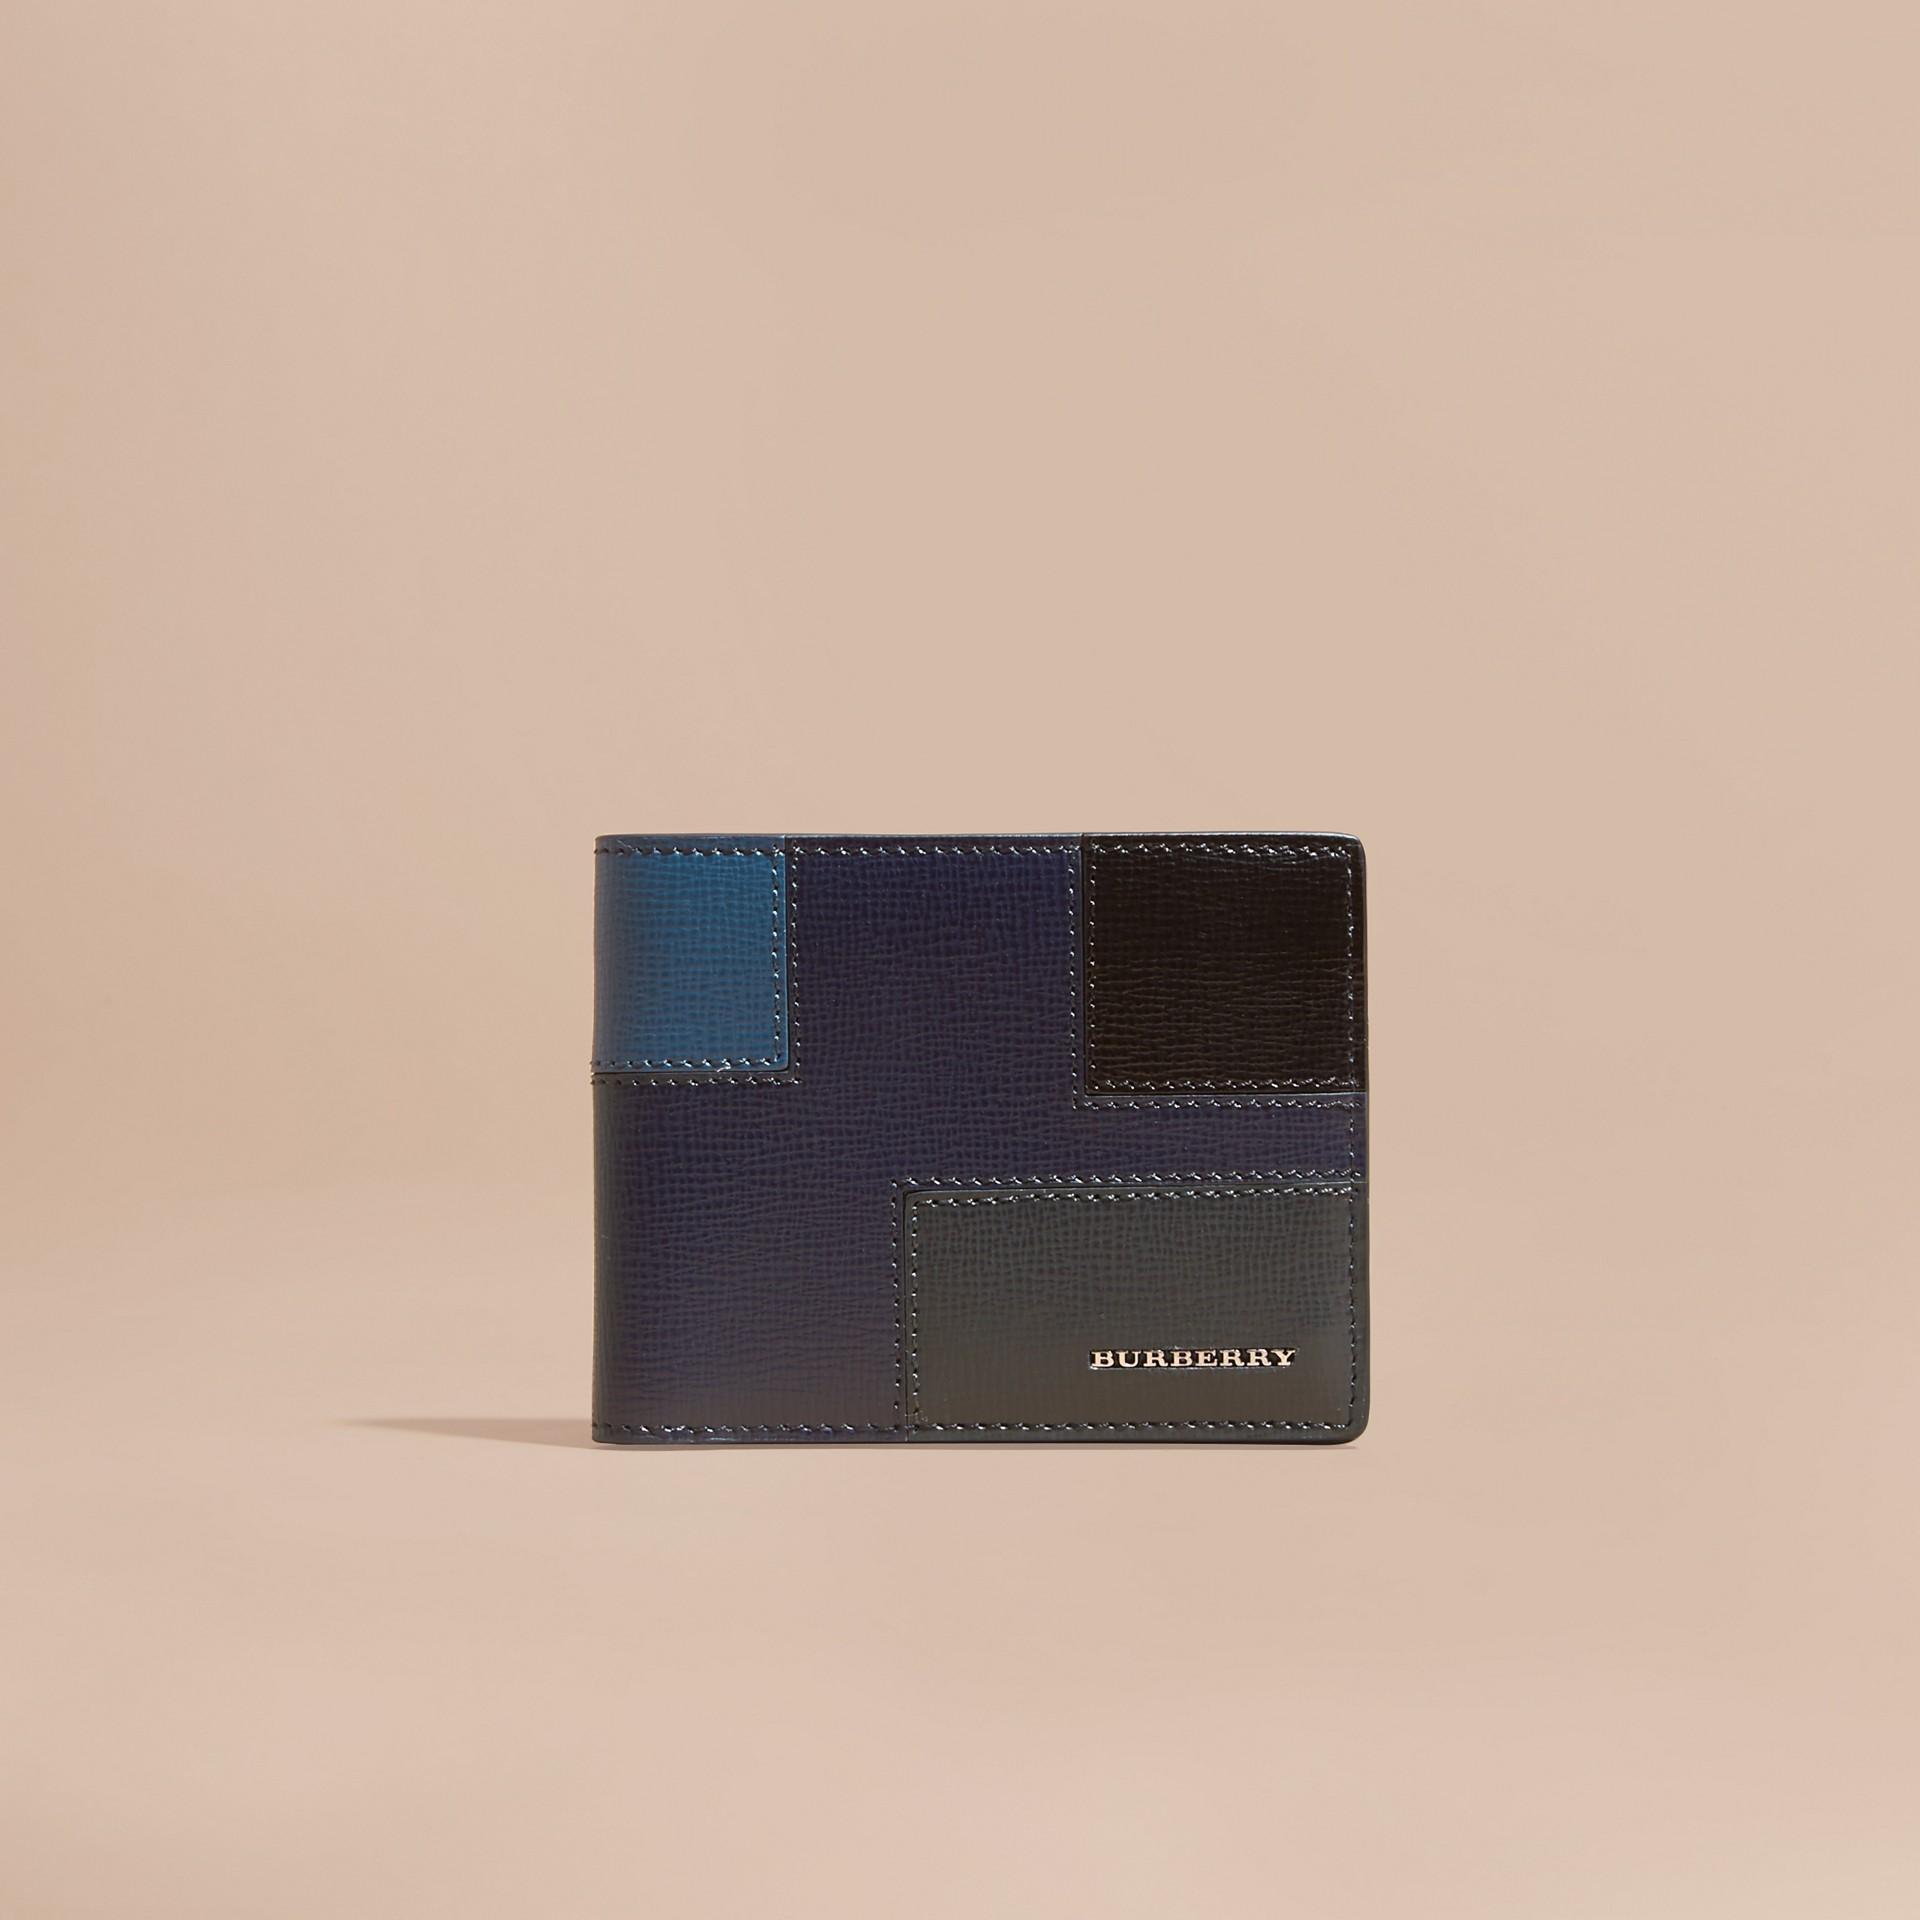 Navy scuro Portafoglio a libro in pelle London a blocchi di colore Navy Scuro - immagine della galleria 6